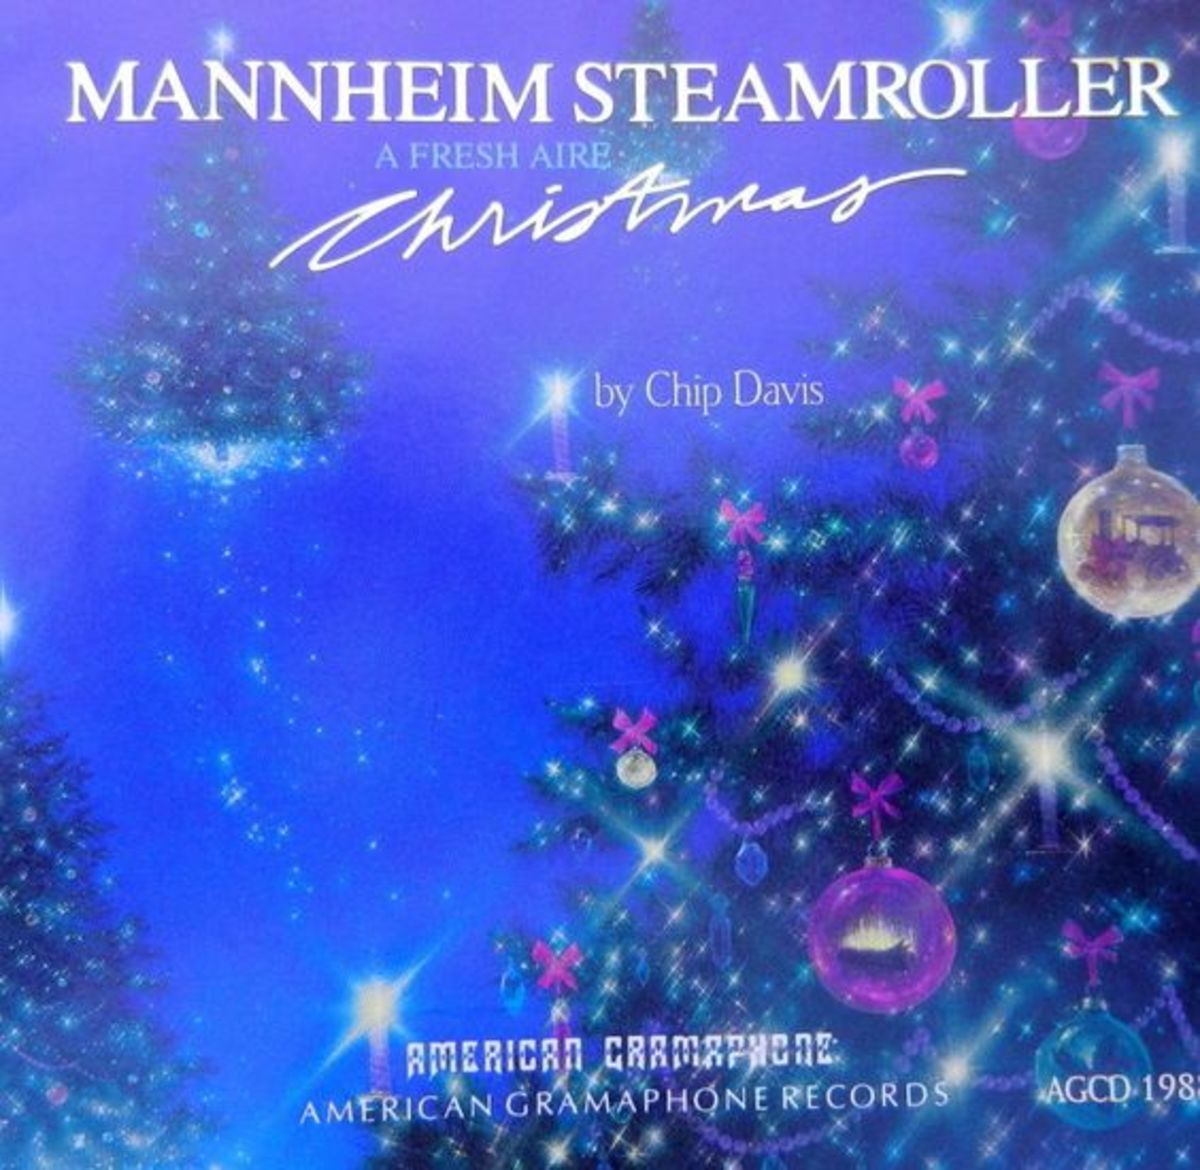 Manheim Steamroller—A Fresh Aire Christmas